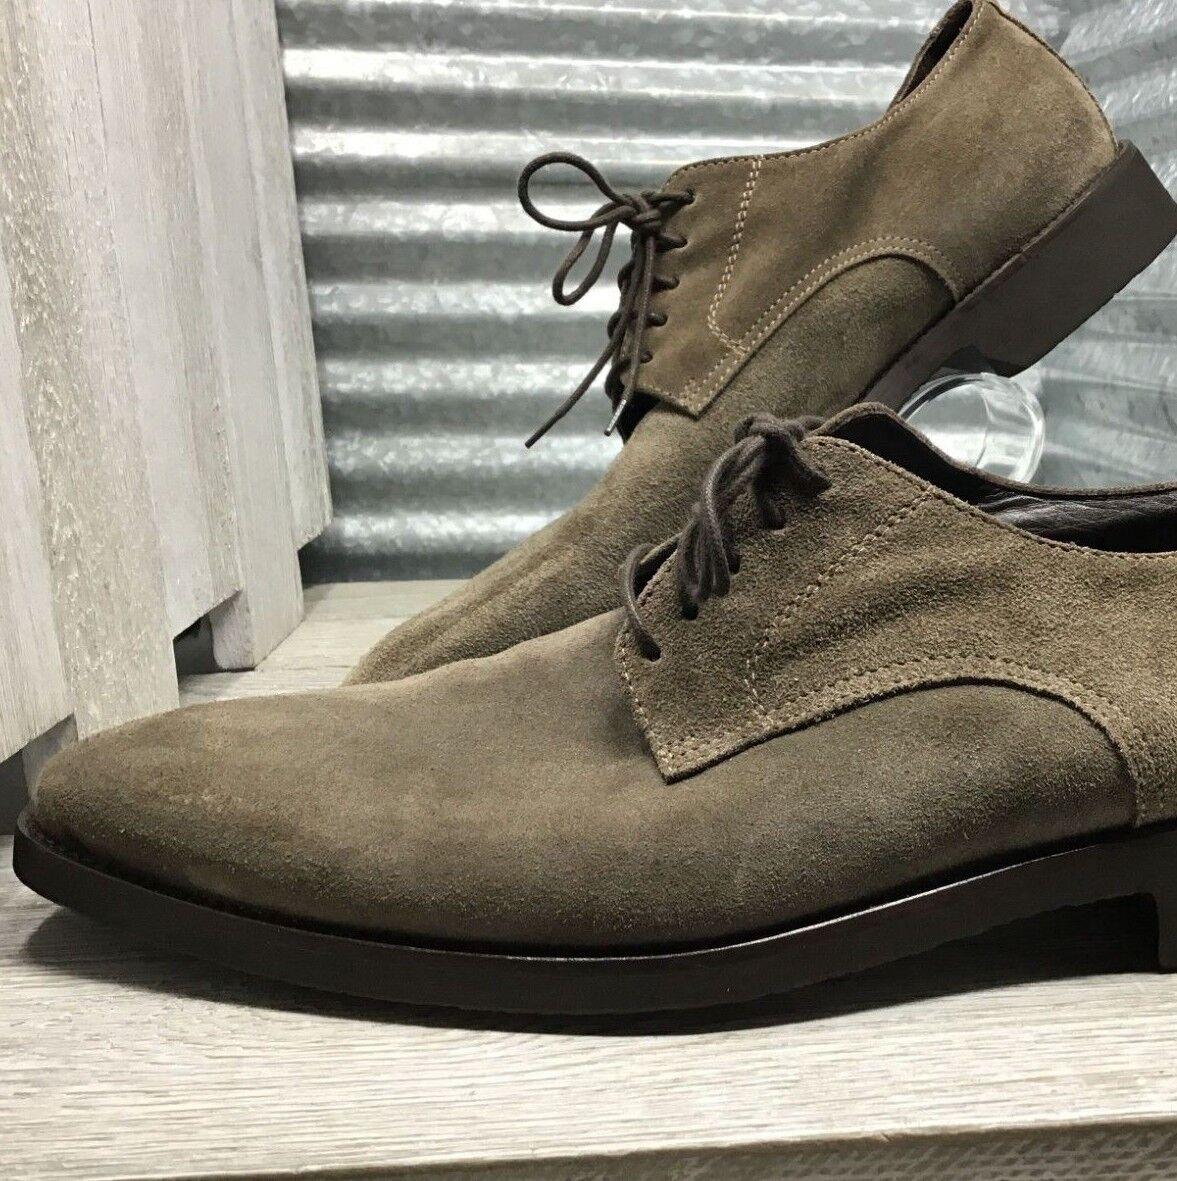 in vendita scontato del 70% Saks Saks Saks Fifth Avenue Uomo Oxford verde Suede scarpe Dimensione 11.5 Made In   ordina ora goditi un grande sconto